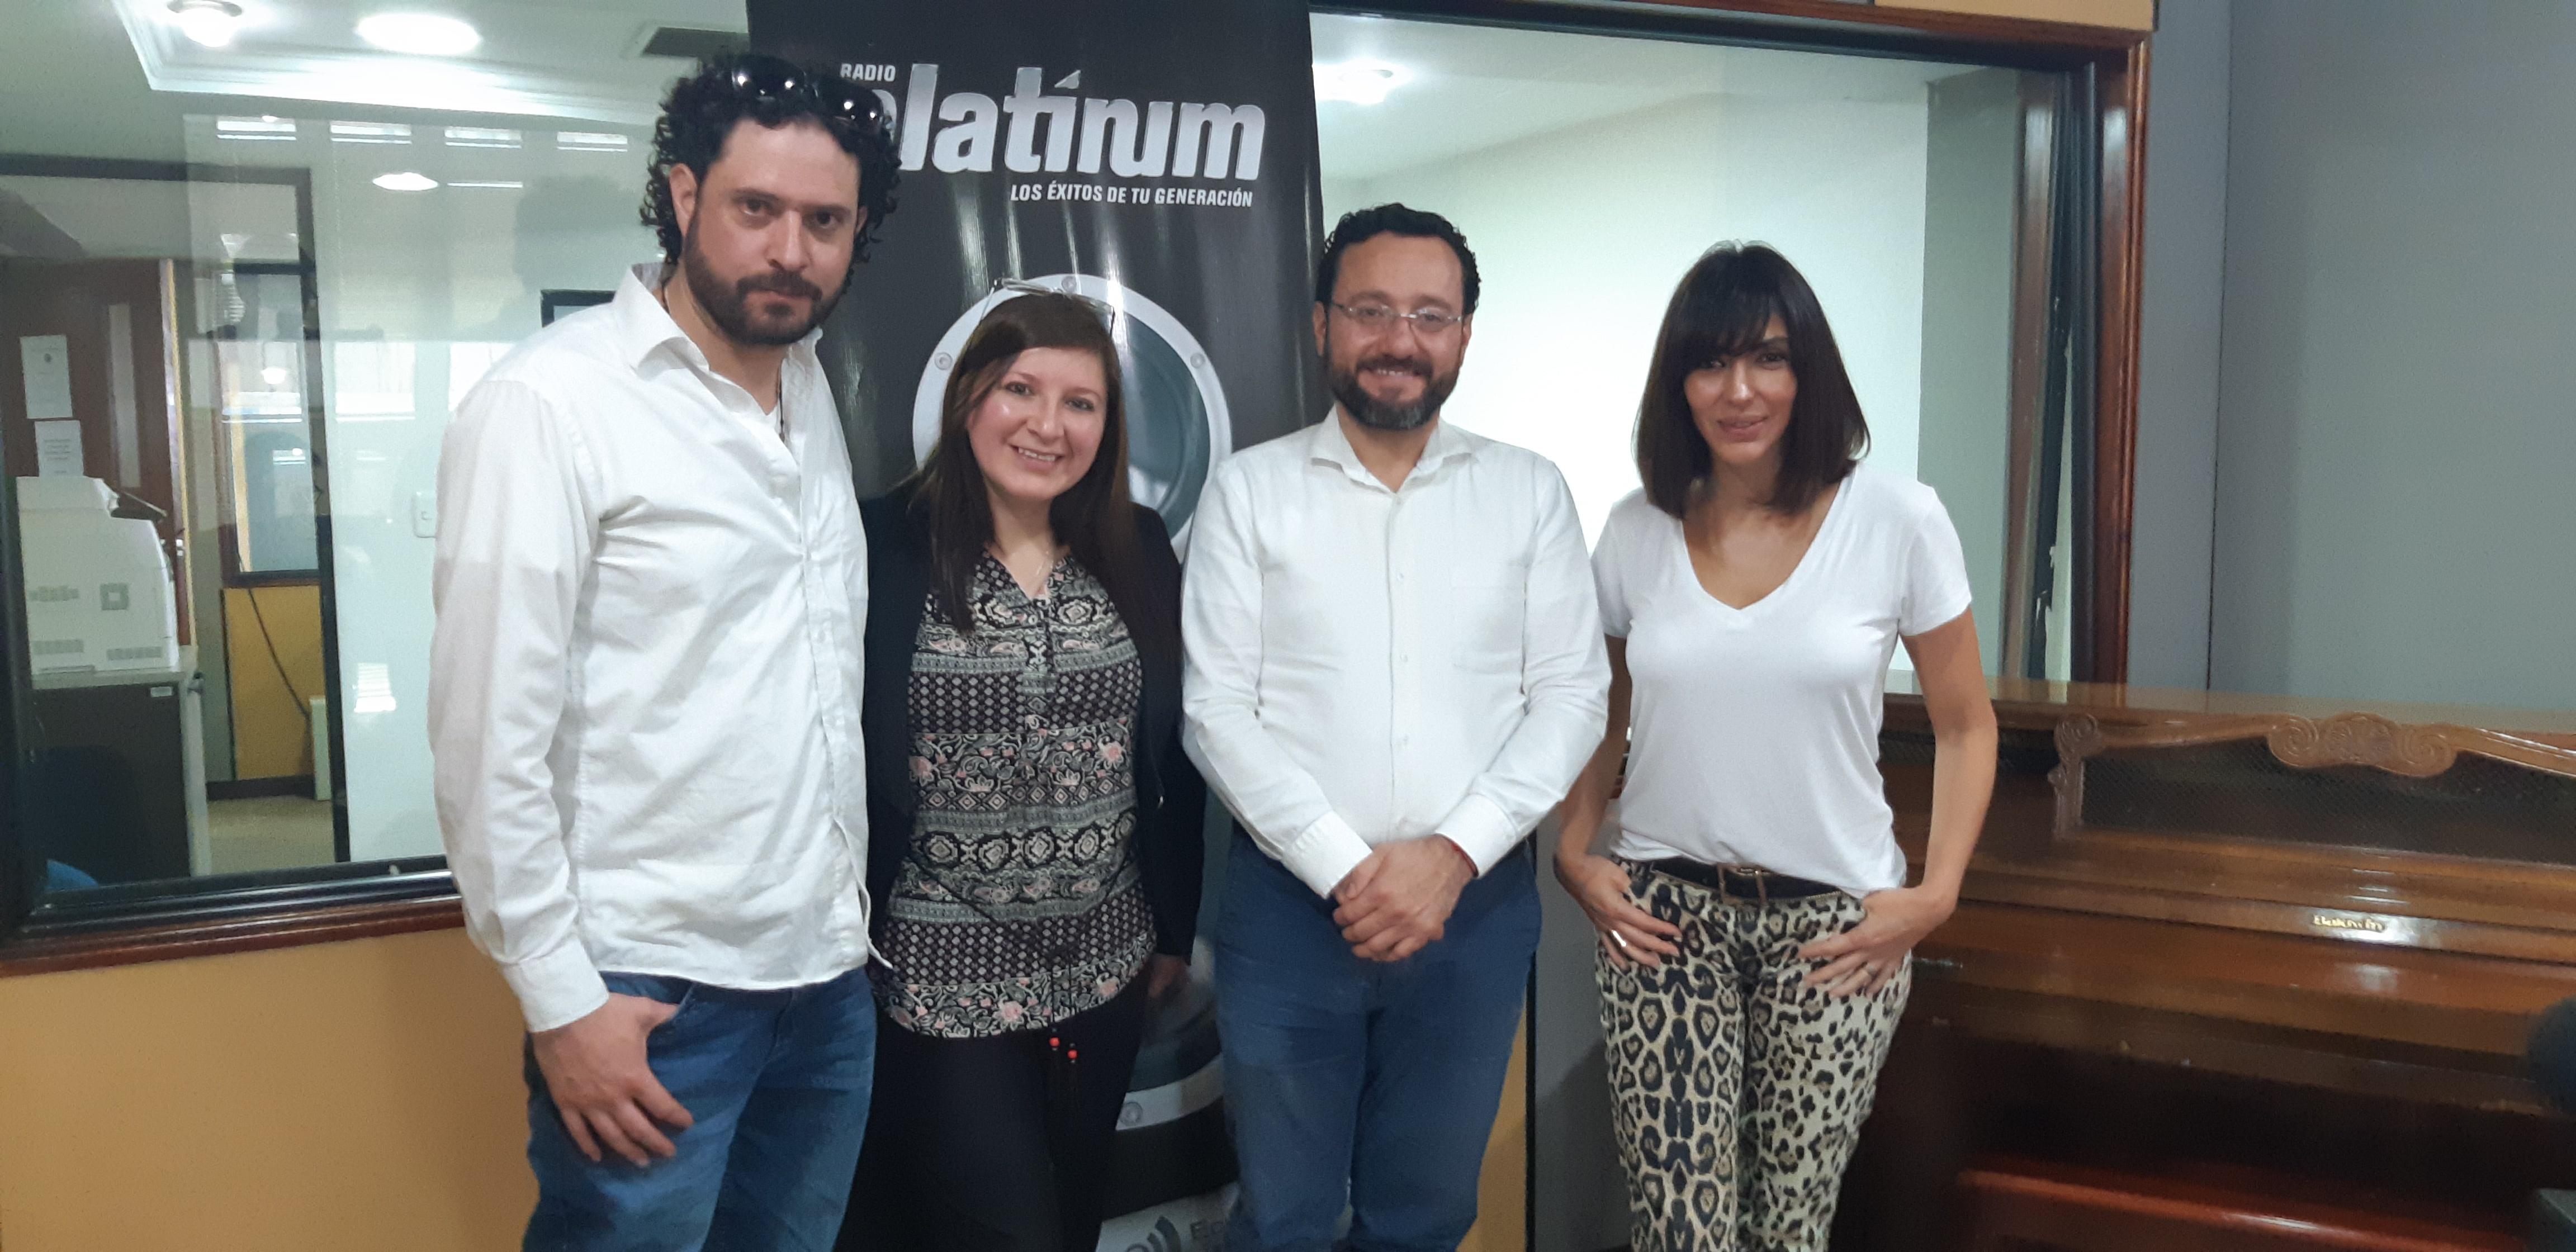 Excelente entrevista en importante medio radial de Quito